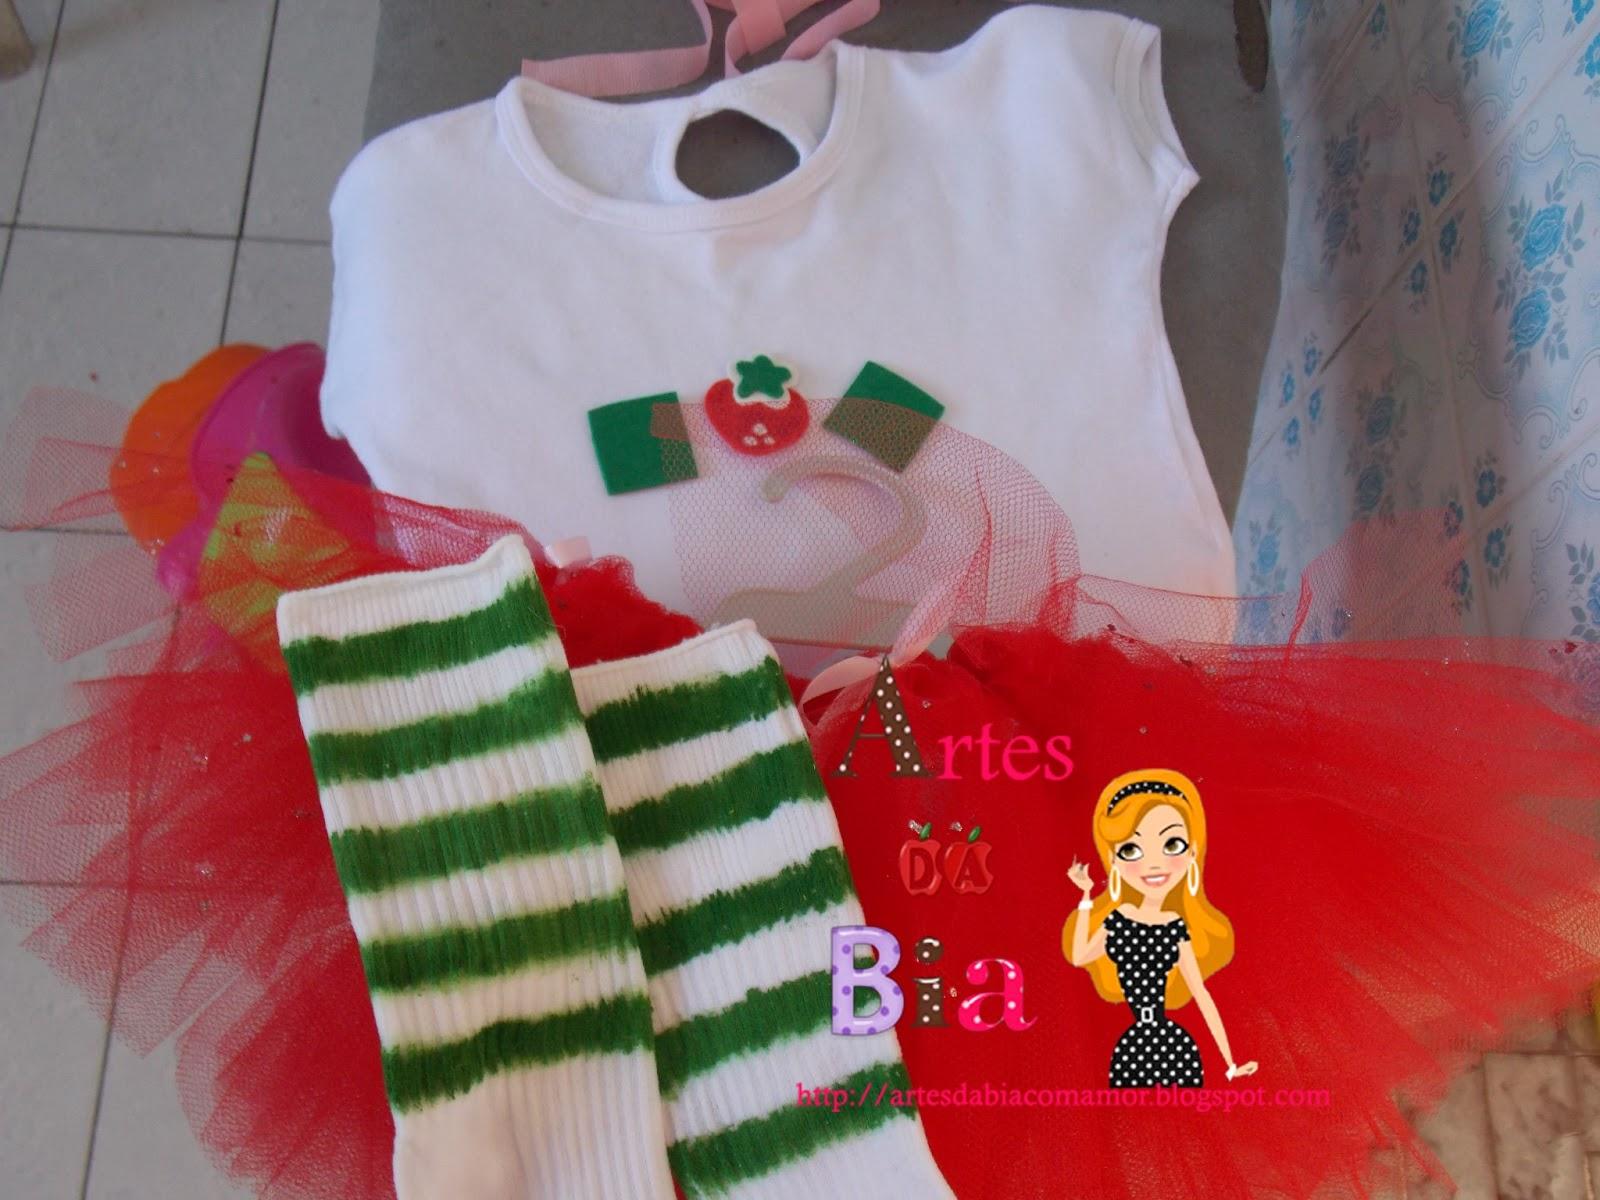 Adaptei uma camisa branca com eva para os losangos e morango e sianinha  rosa bebê costurada nas mangas e gola. Para as meias... peguei uma meia da  irmã mais ... 0227a8120c2